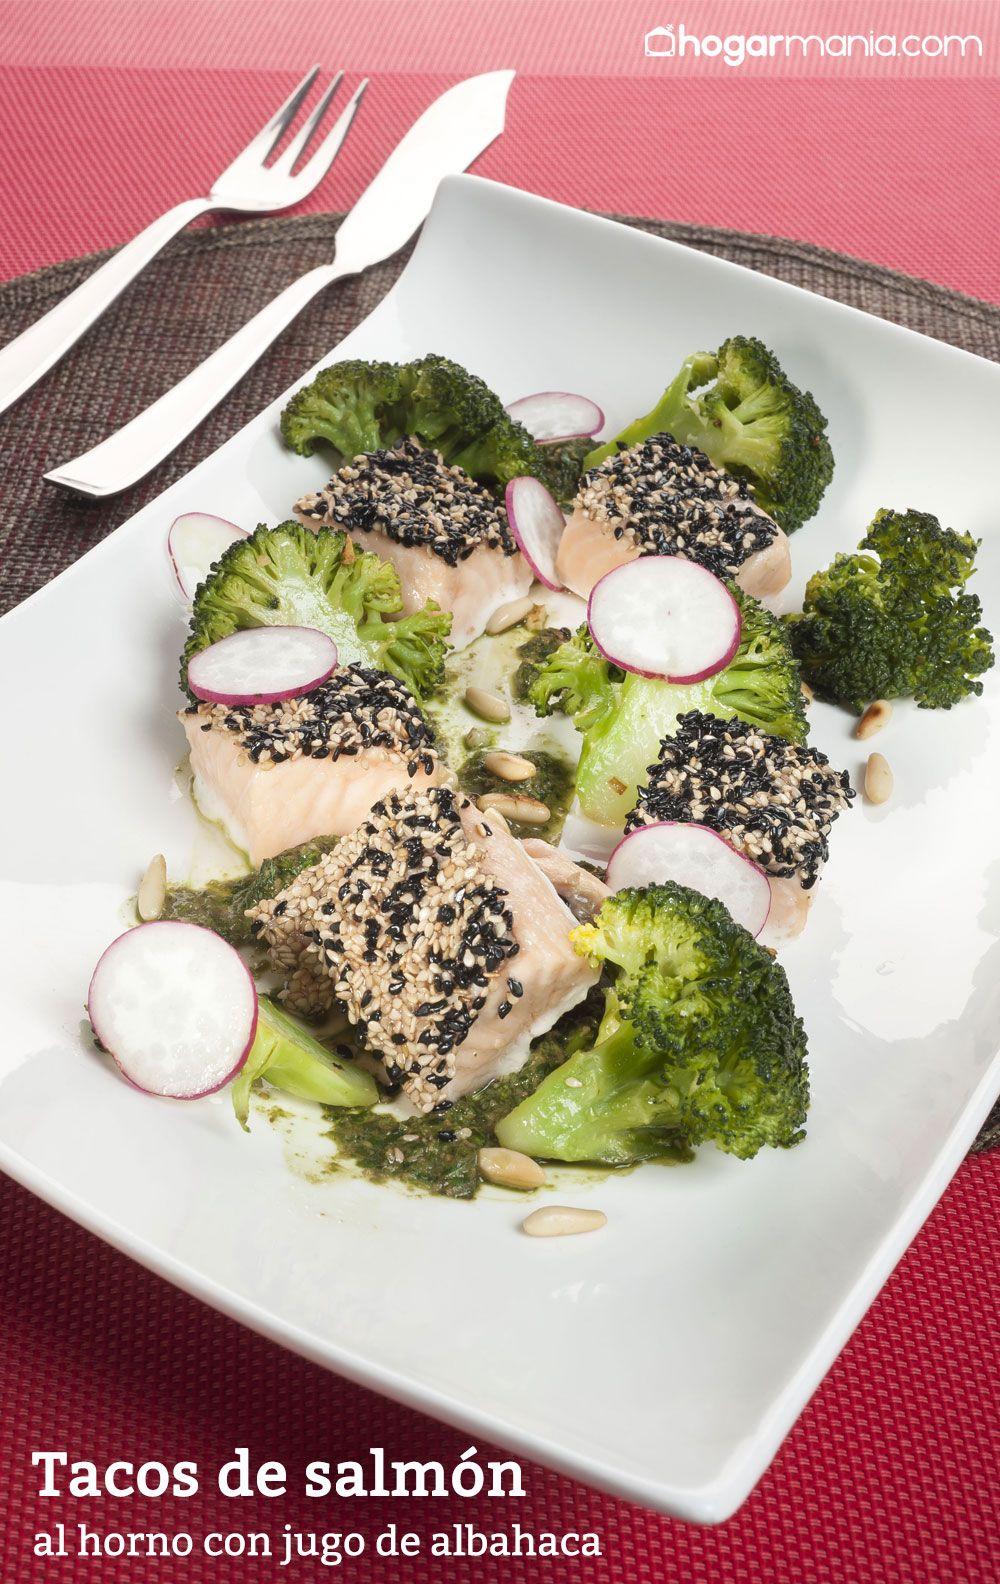 Tacos de salmón al horno con jugo de albahaca